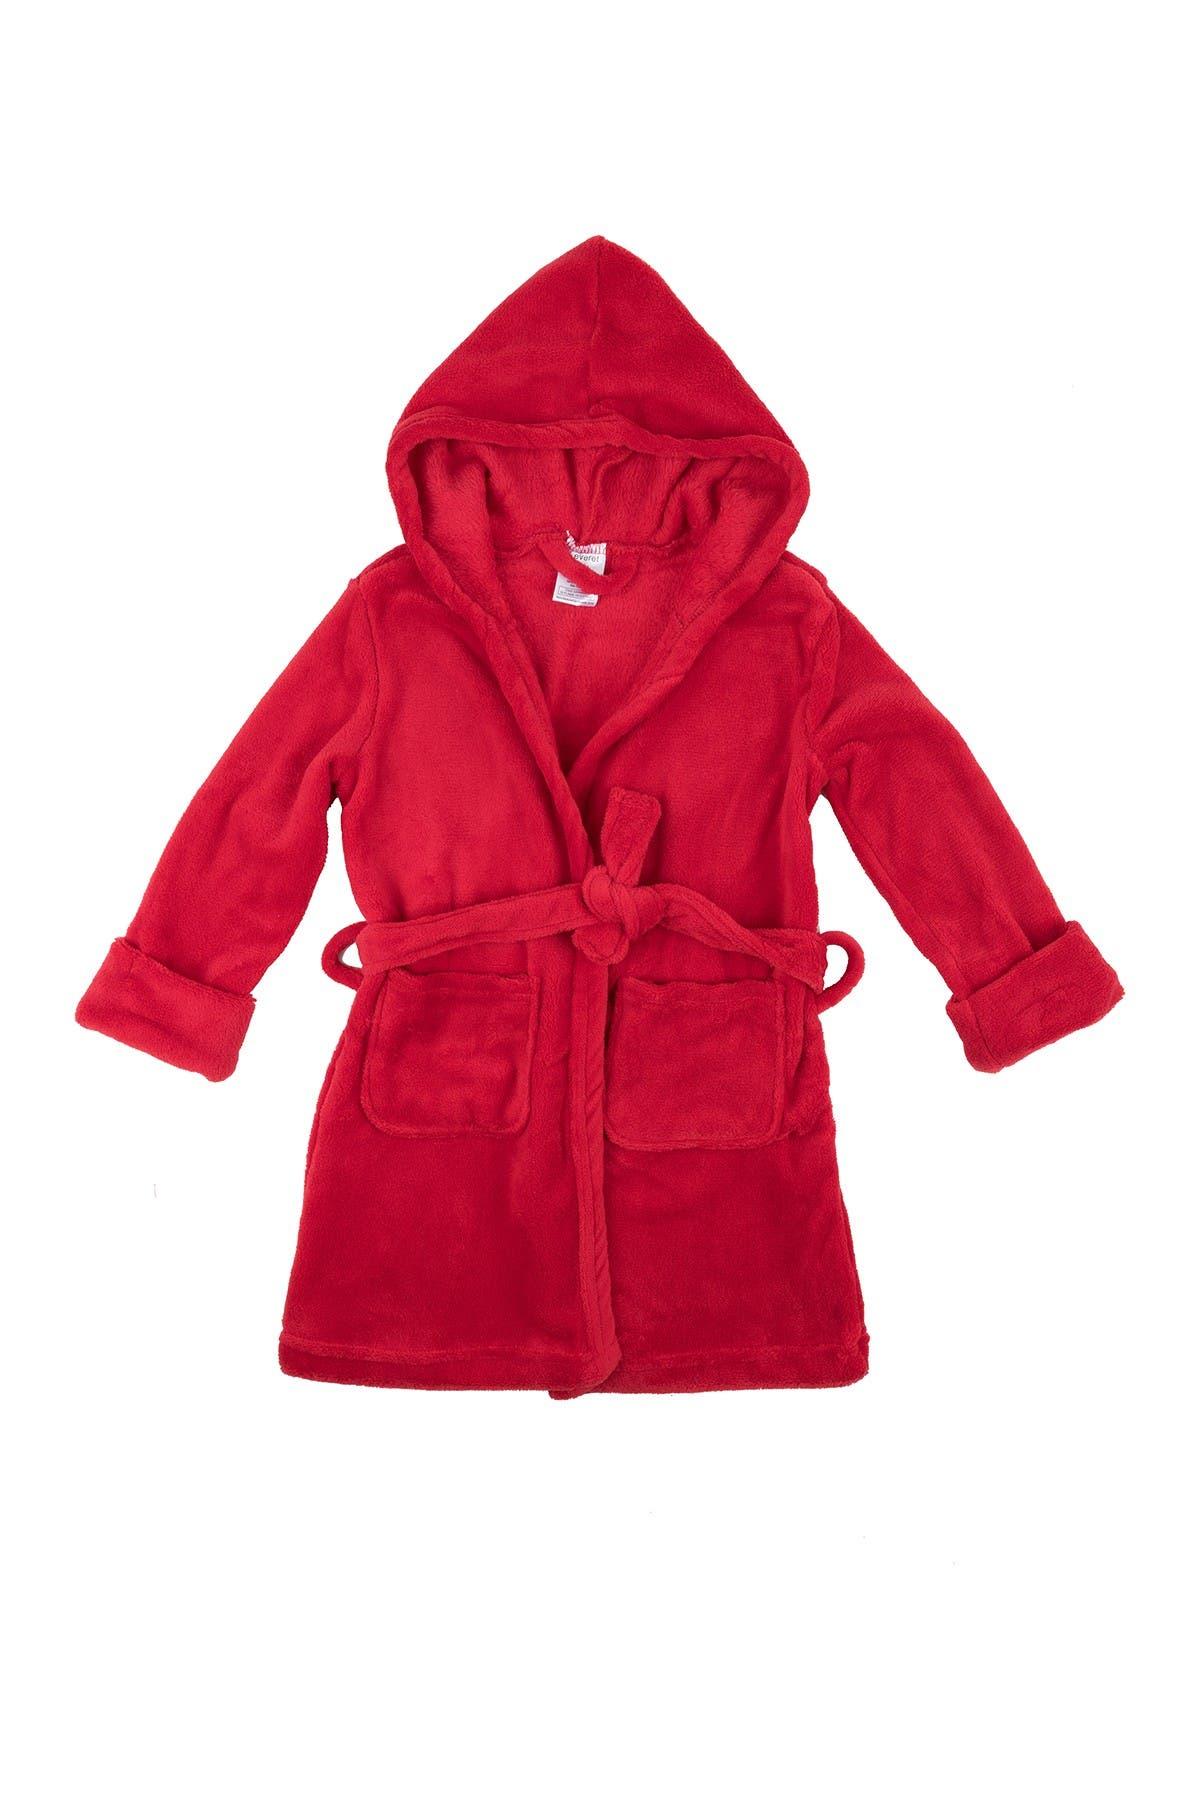 Leveret Fleece Sleep Robe Nordstrom Rack